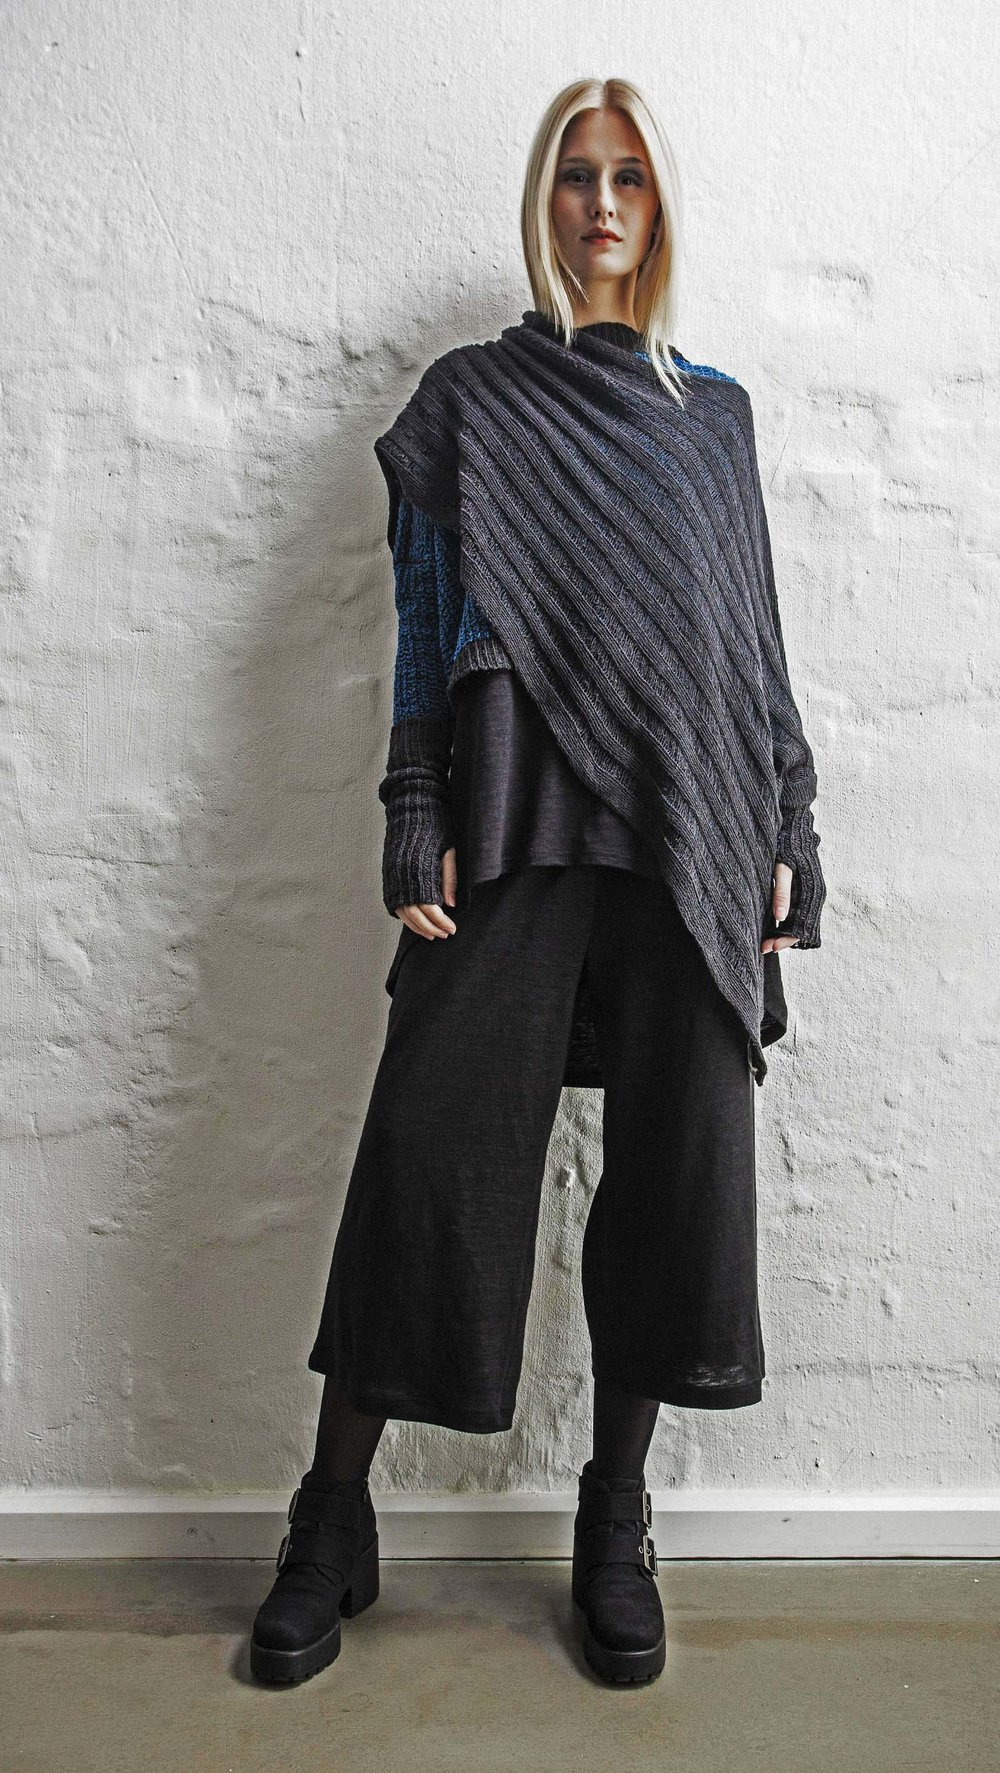 byxa tunika pullover handledsv långsjal 4.jpg